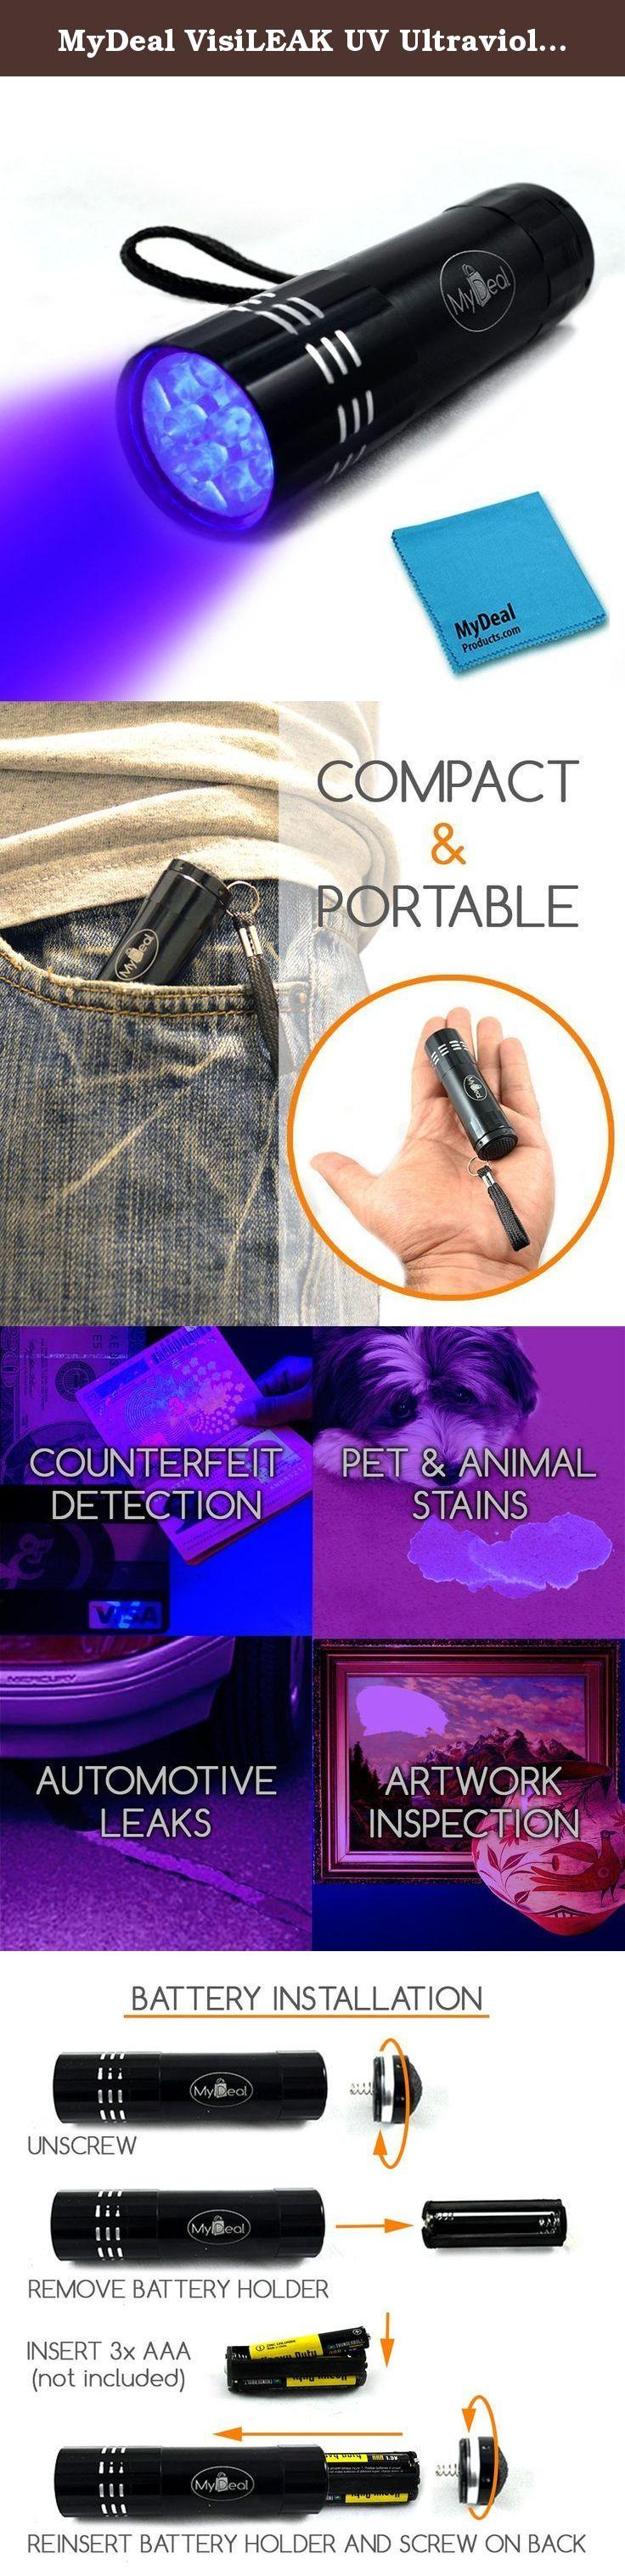 MyDeal VisiLEAK UV Ultraviolet 9 LED Blacklight Pocket